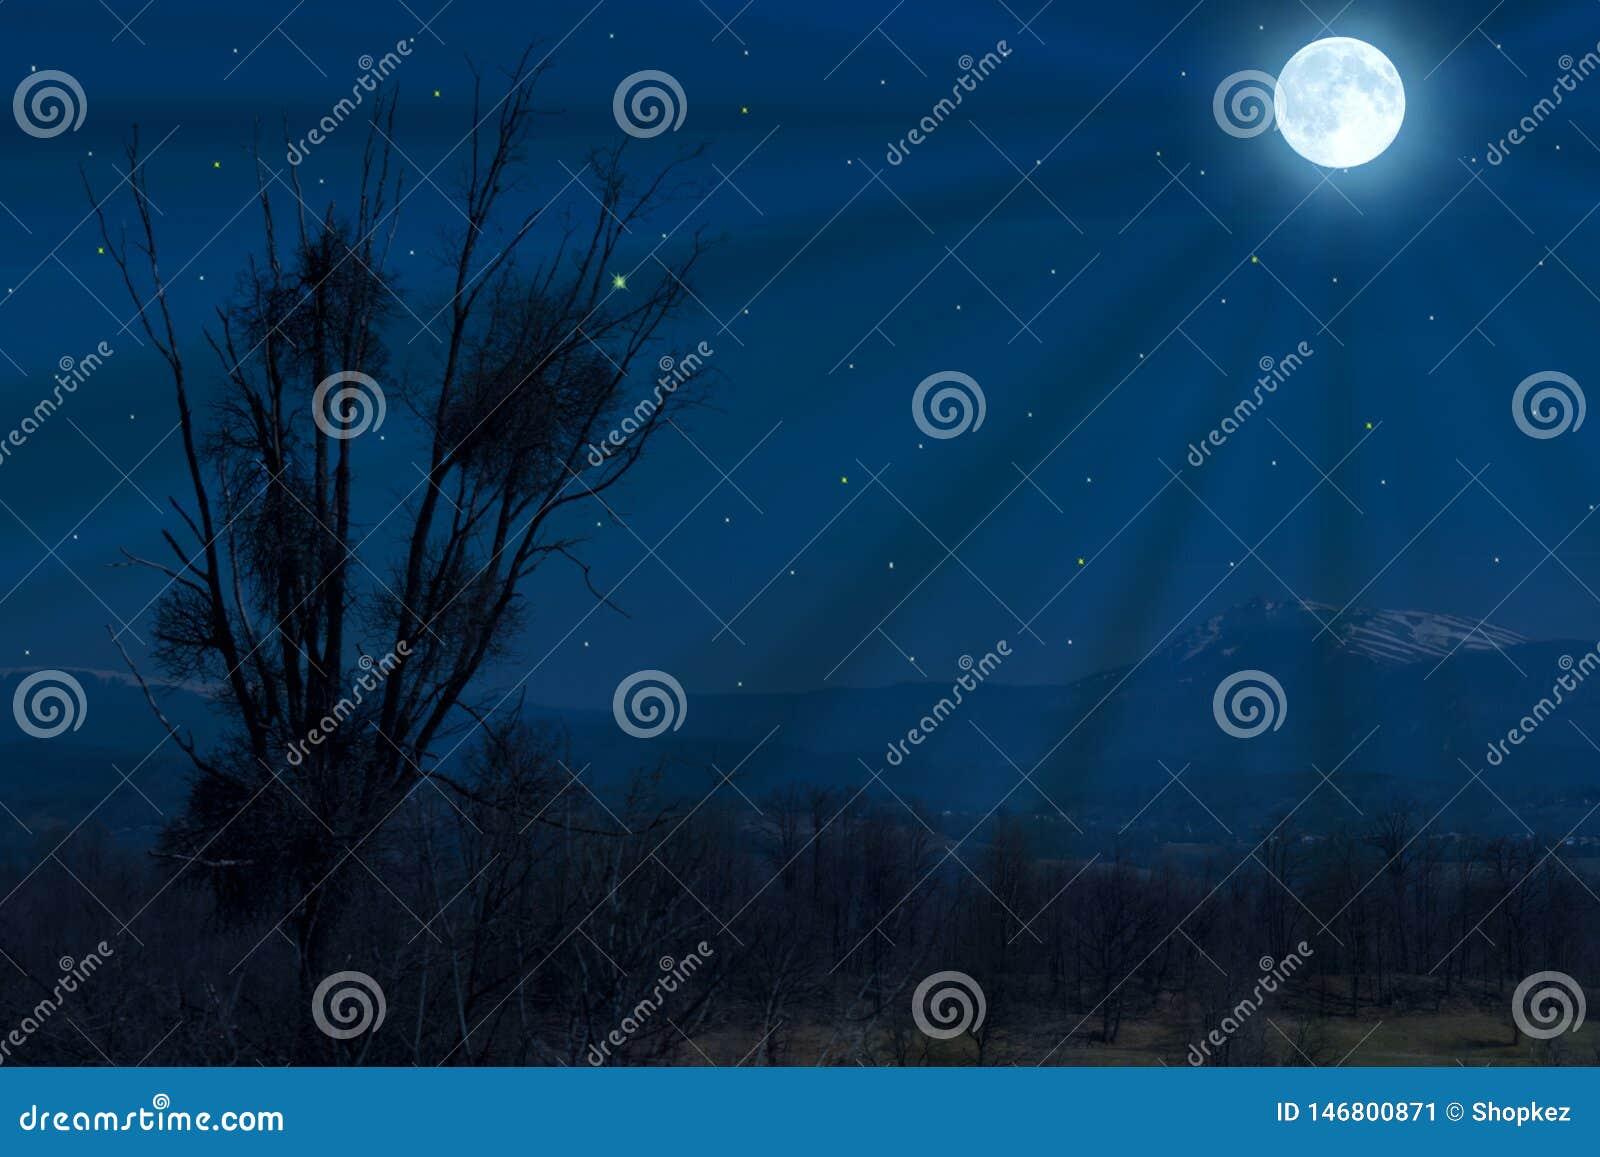 Полнолуние над лесом и полями Силуэт дерева в лунном свете